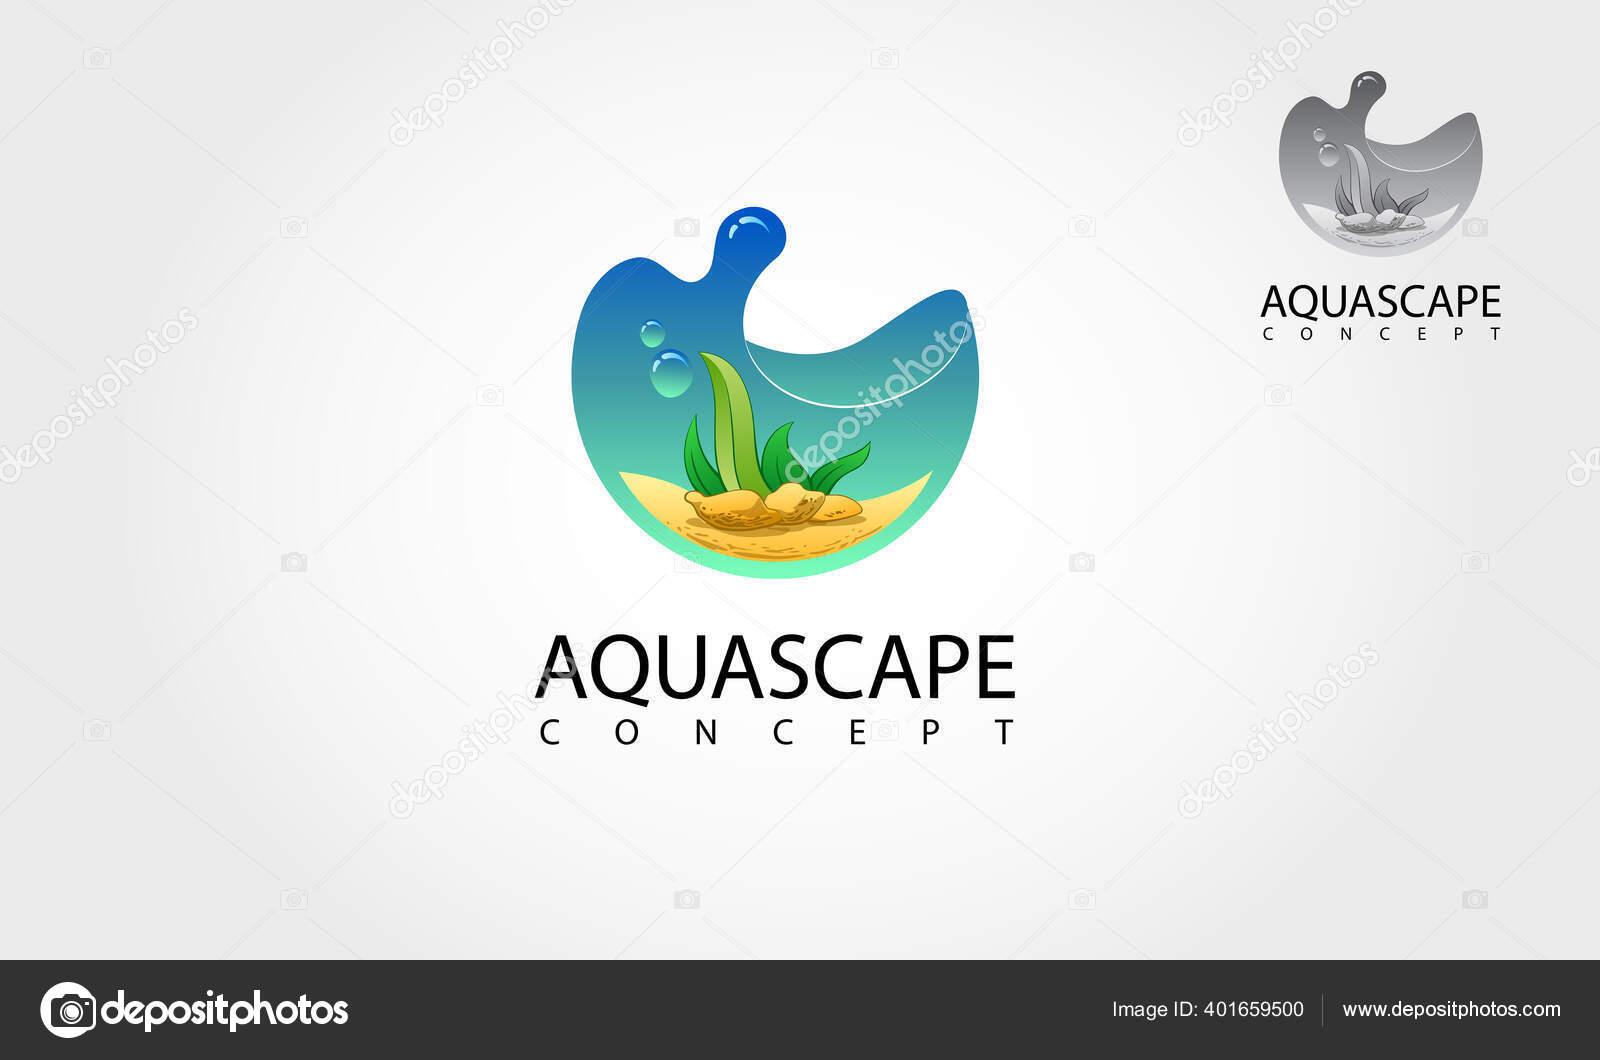 Aquascape Vector Logo Template Nature Aquarium Illustration Concept Stock Vector C Lintangdesign 401659500